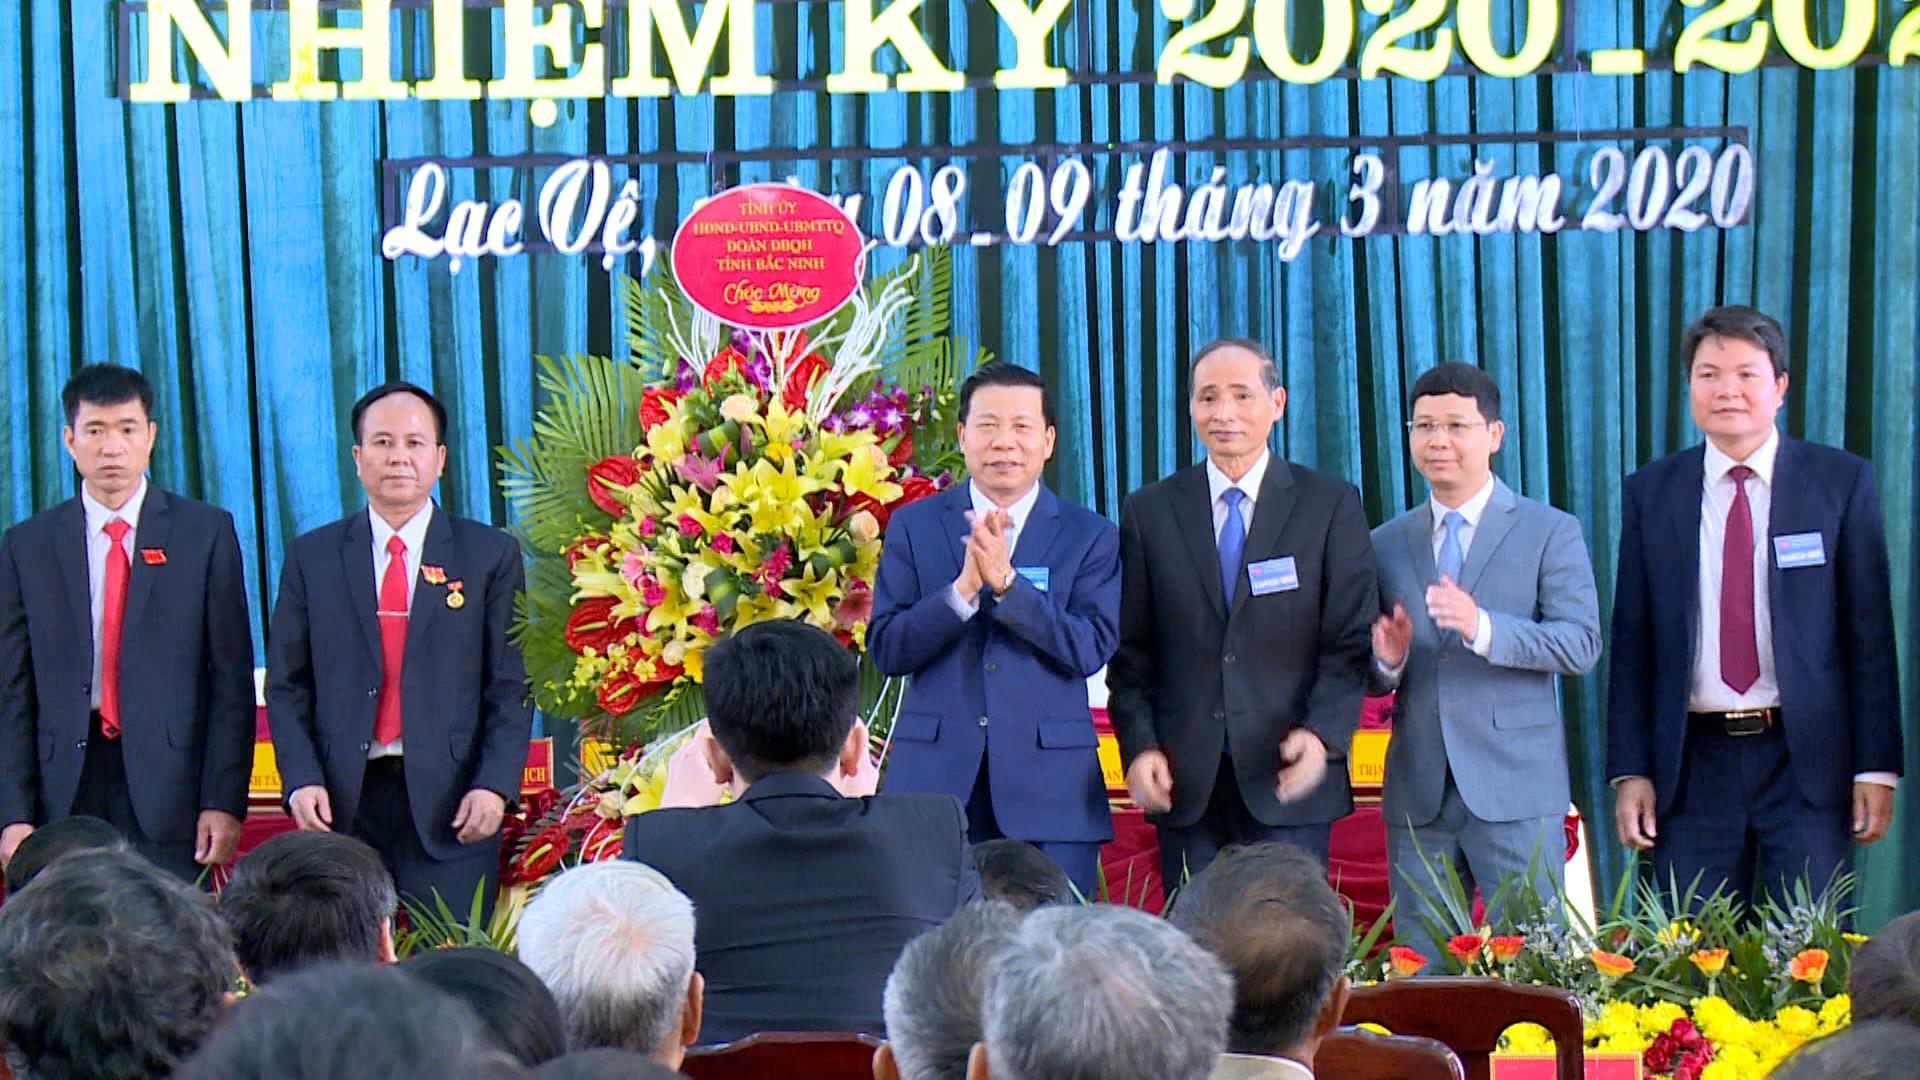 Trường Cao đẳng Y tế Bắc Ninh  kỷ niệm 20 năm thành lập